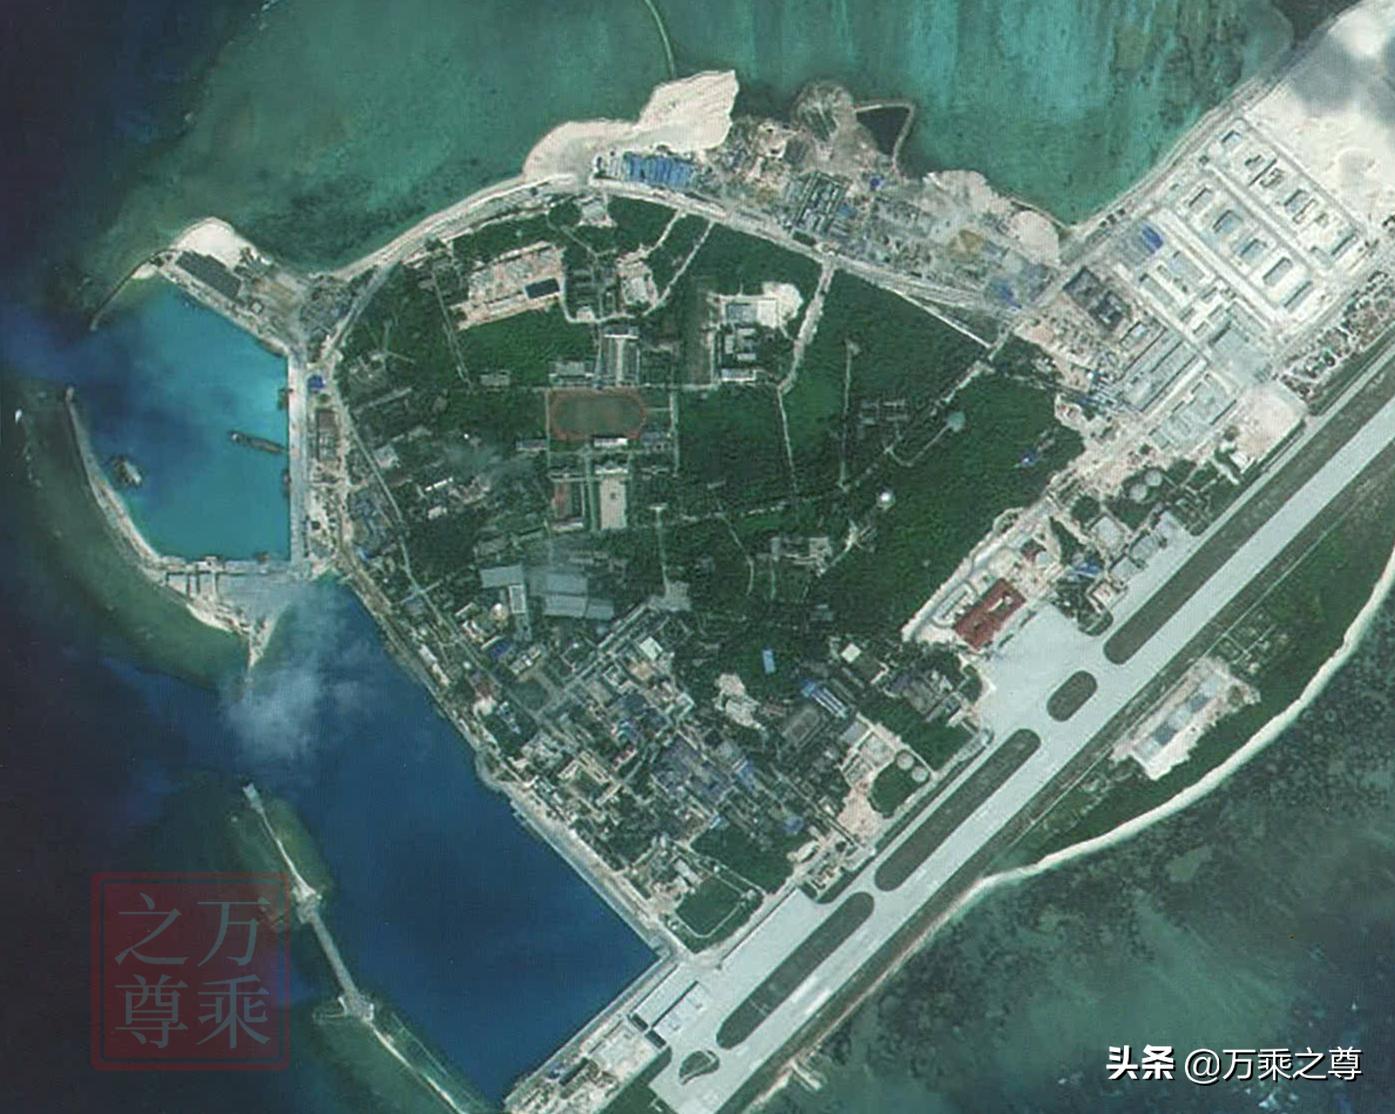 目標是把美軍趕出南海,中國為未來南海之戰做準備的軍事布局